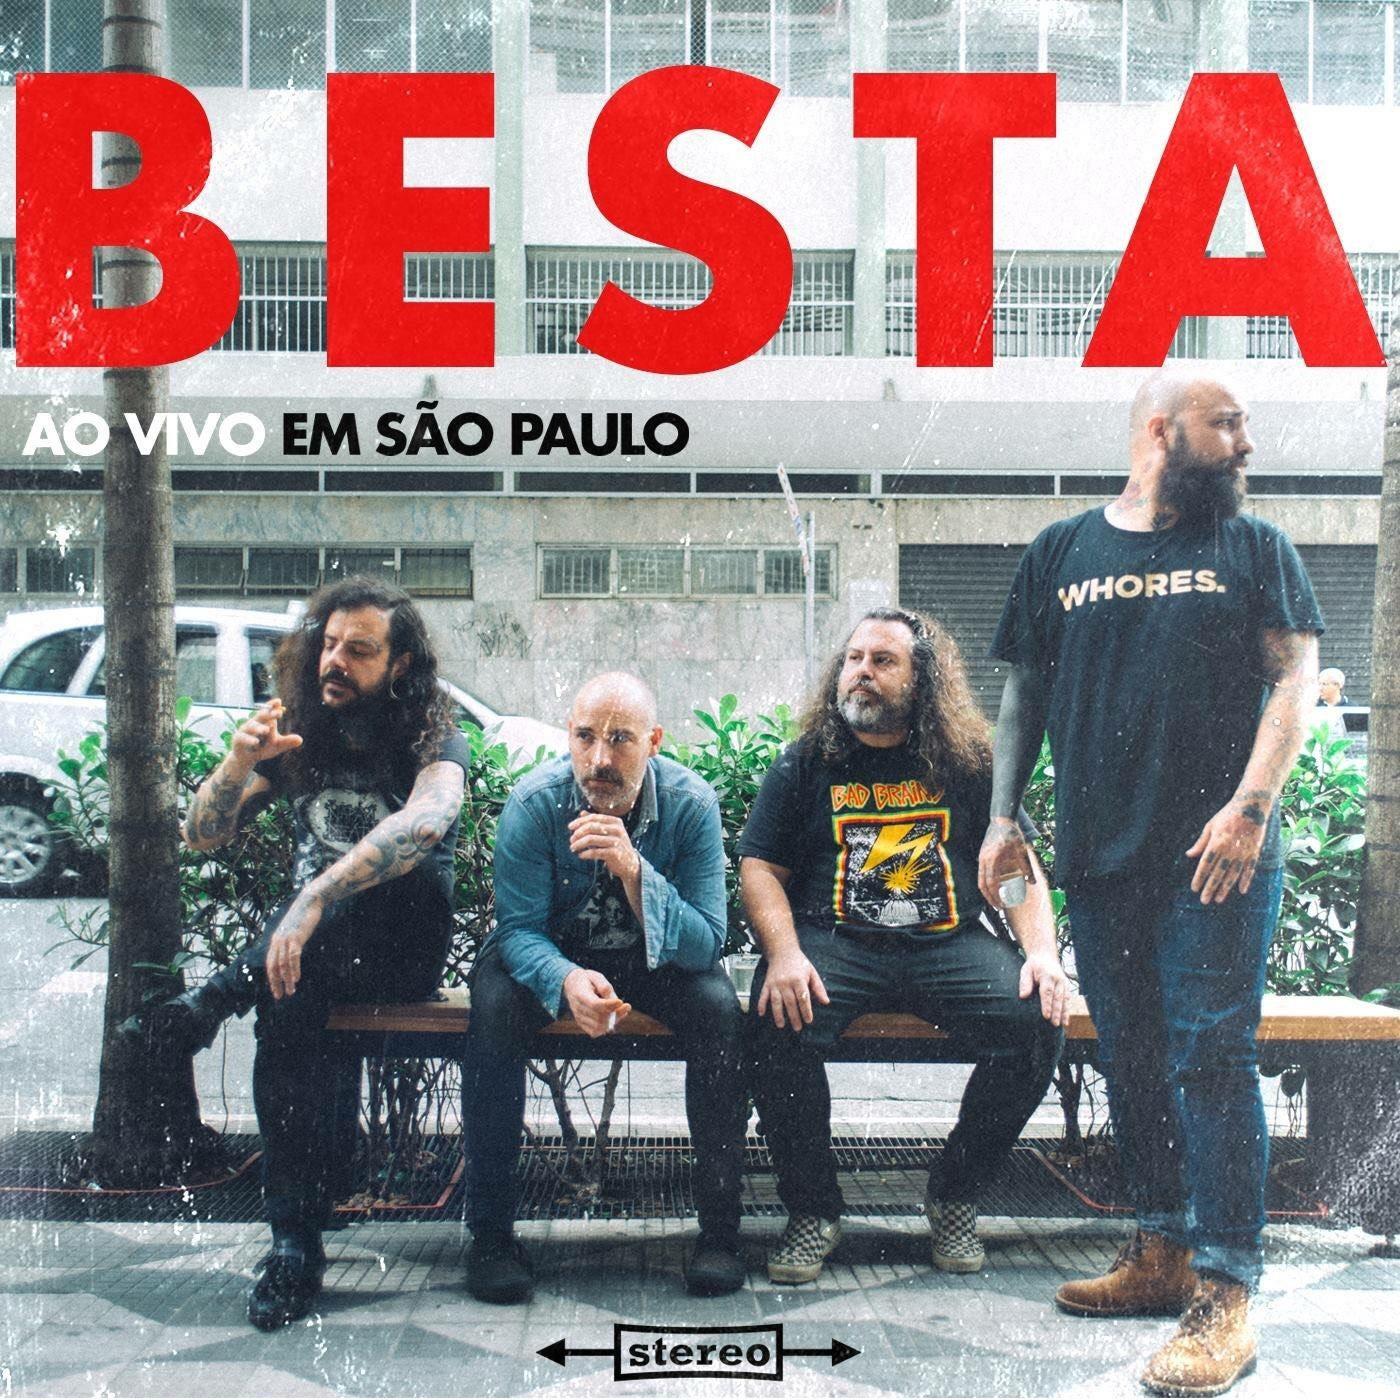 Besta_-_Ao_Vivo_Em_São_Paulo